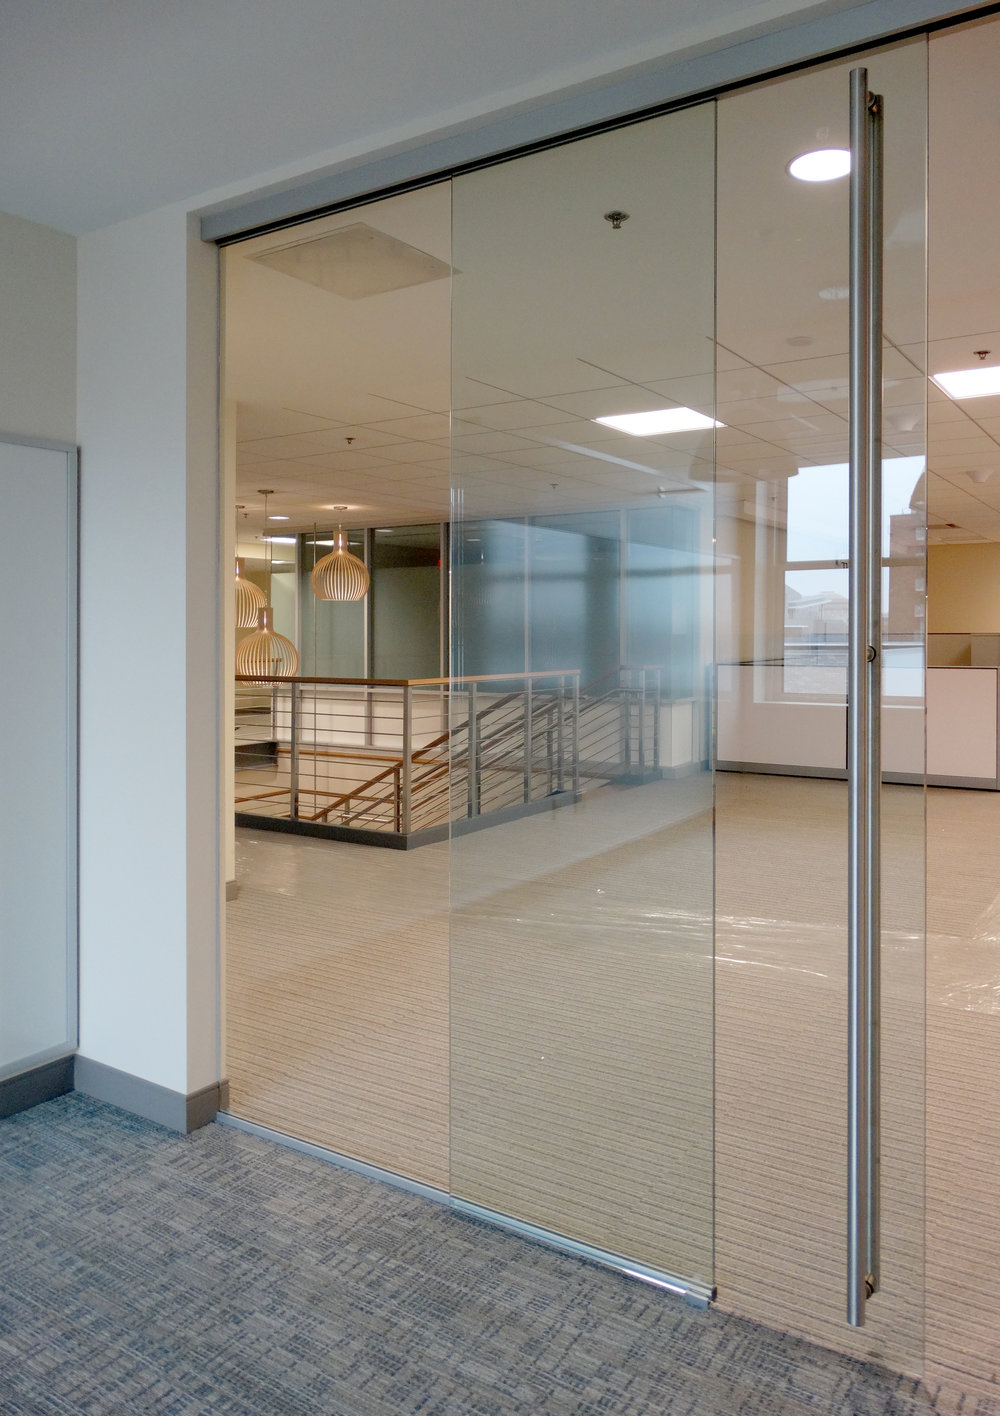 Illume Frameless Glass Sliding Door Full Height Ladder Pull - Spaceworks AI.jpg